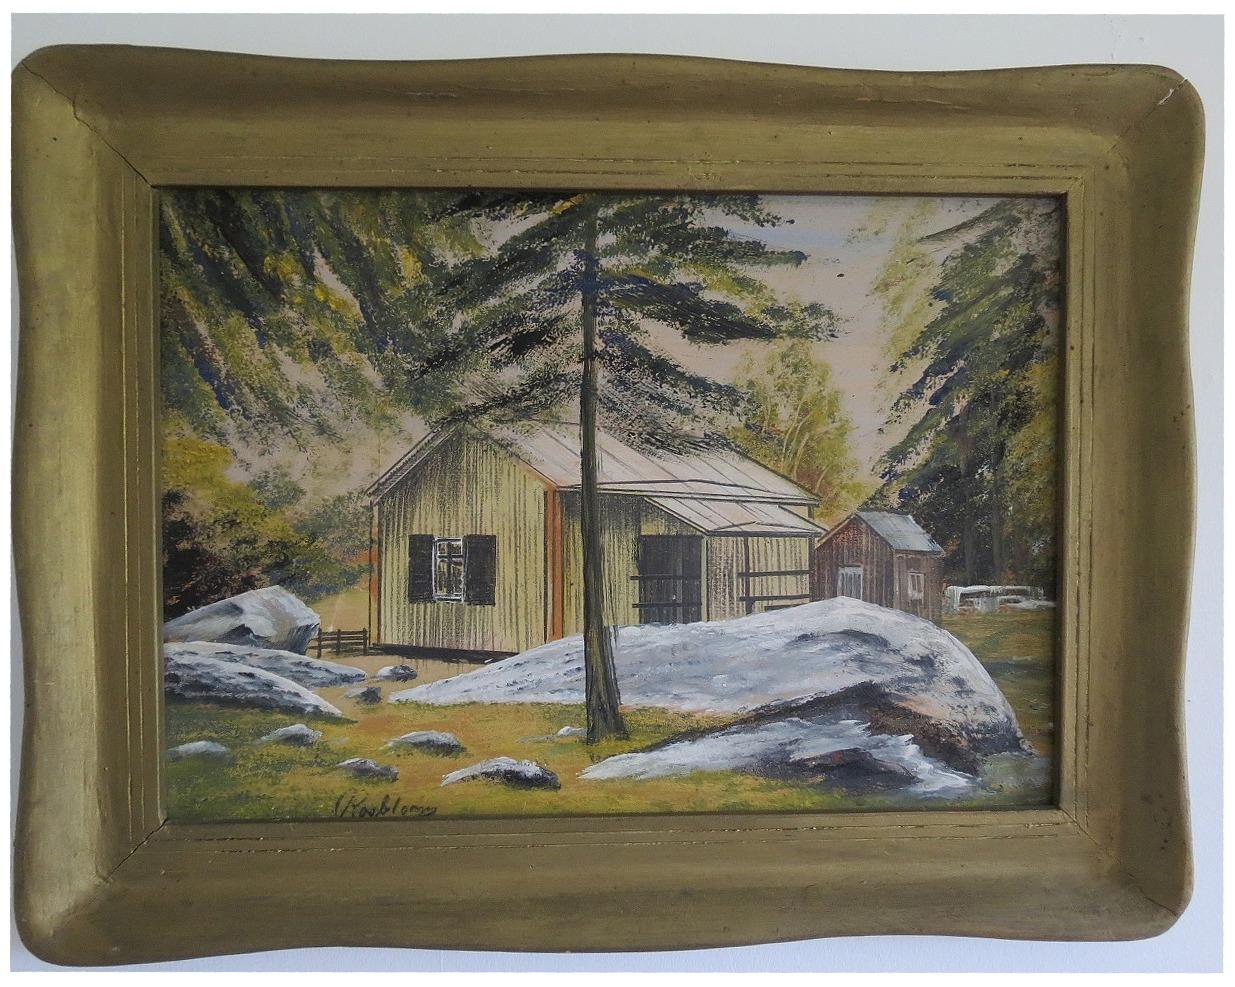 Rosblom hade en målaratelje i Hautaviitas gård, i den södra ändan där han bodde tillsammans med Hilma. Då Hilma dog flyttade Rosblom till Kristinestad.